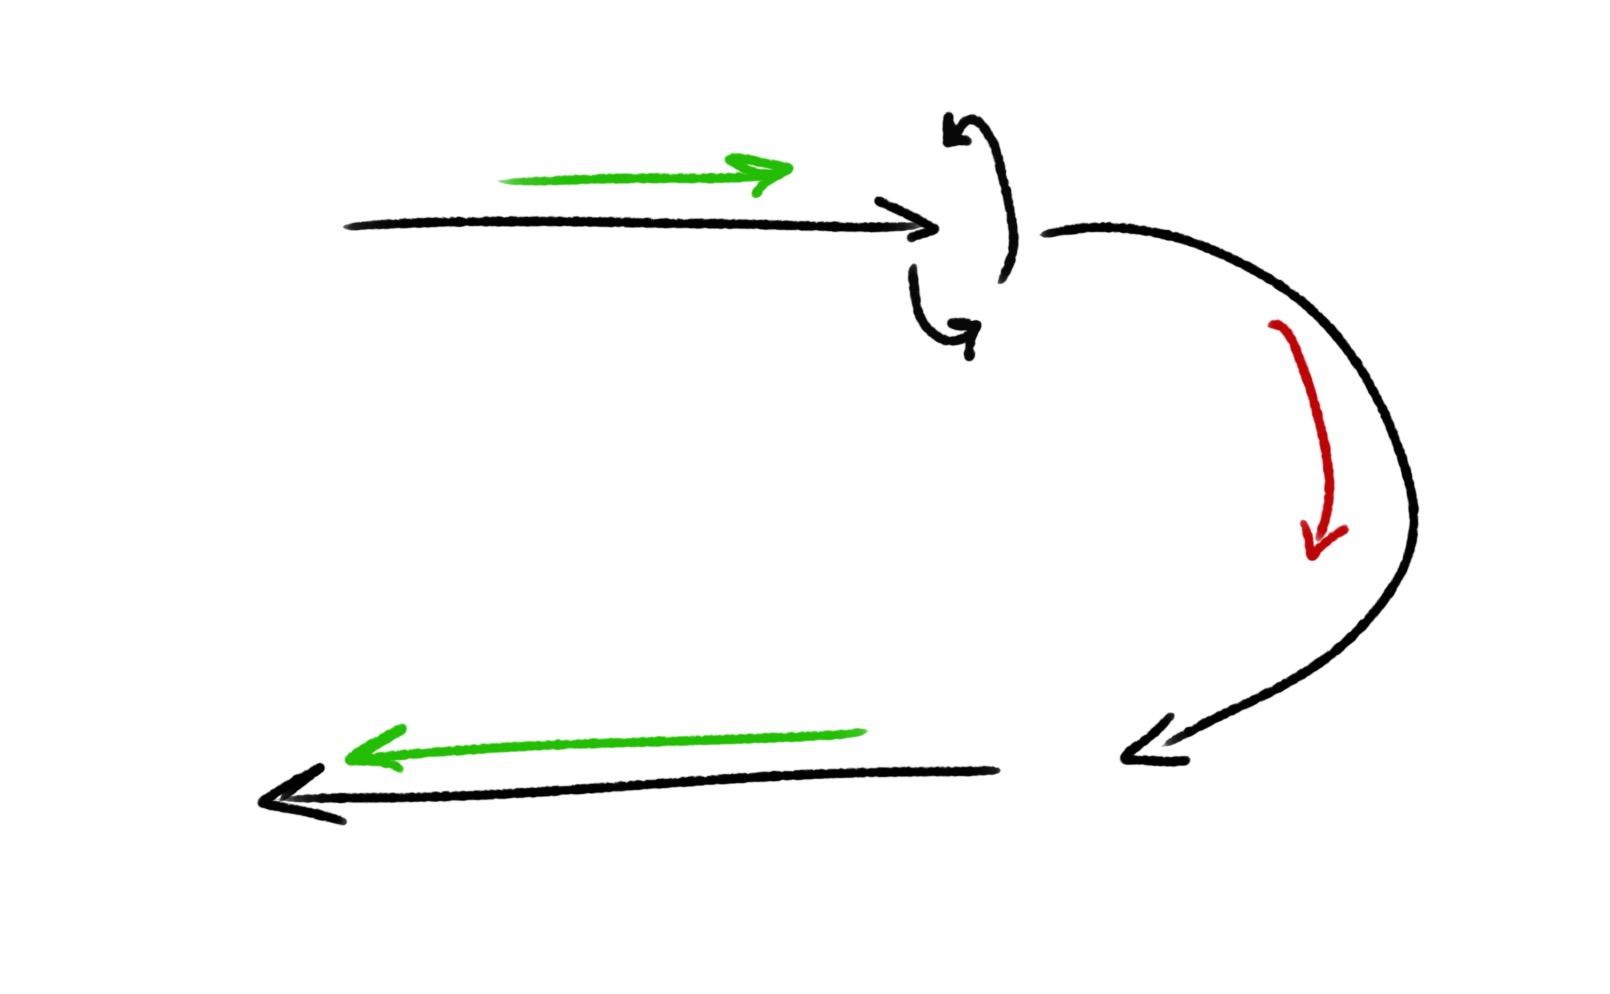 Advanced Aerobatic Maneuvers For Rc Planes